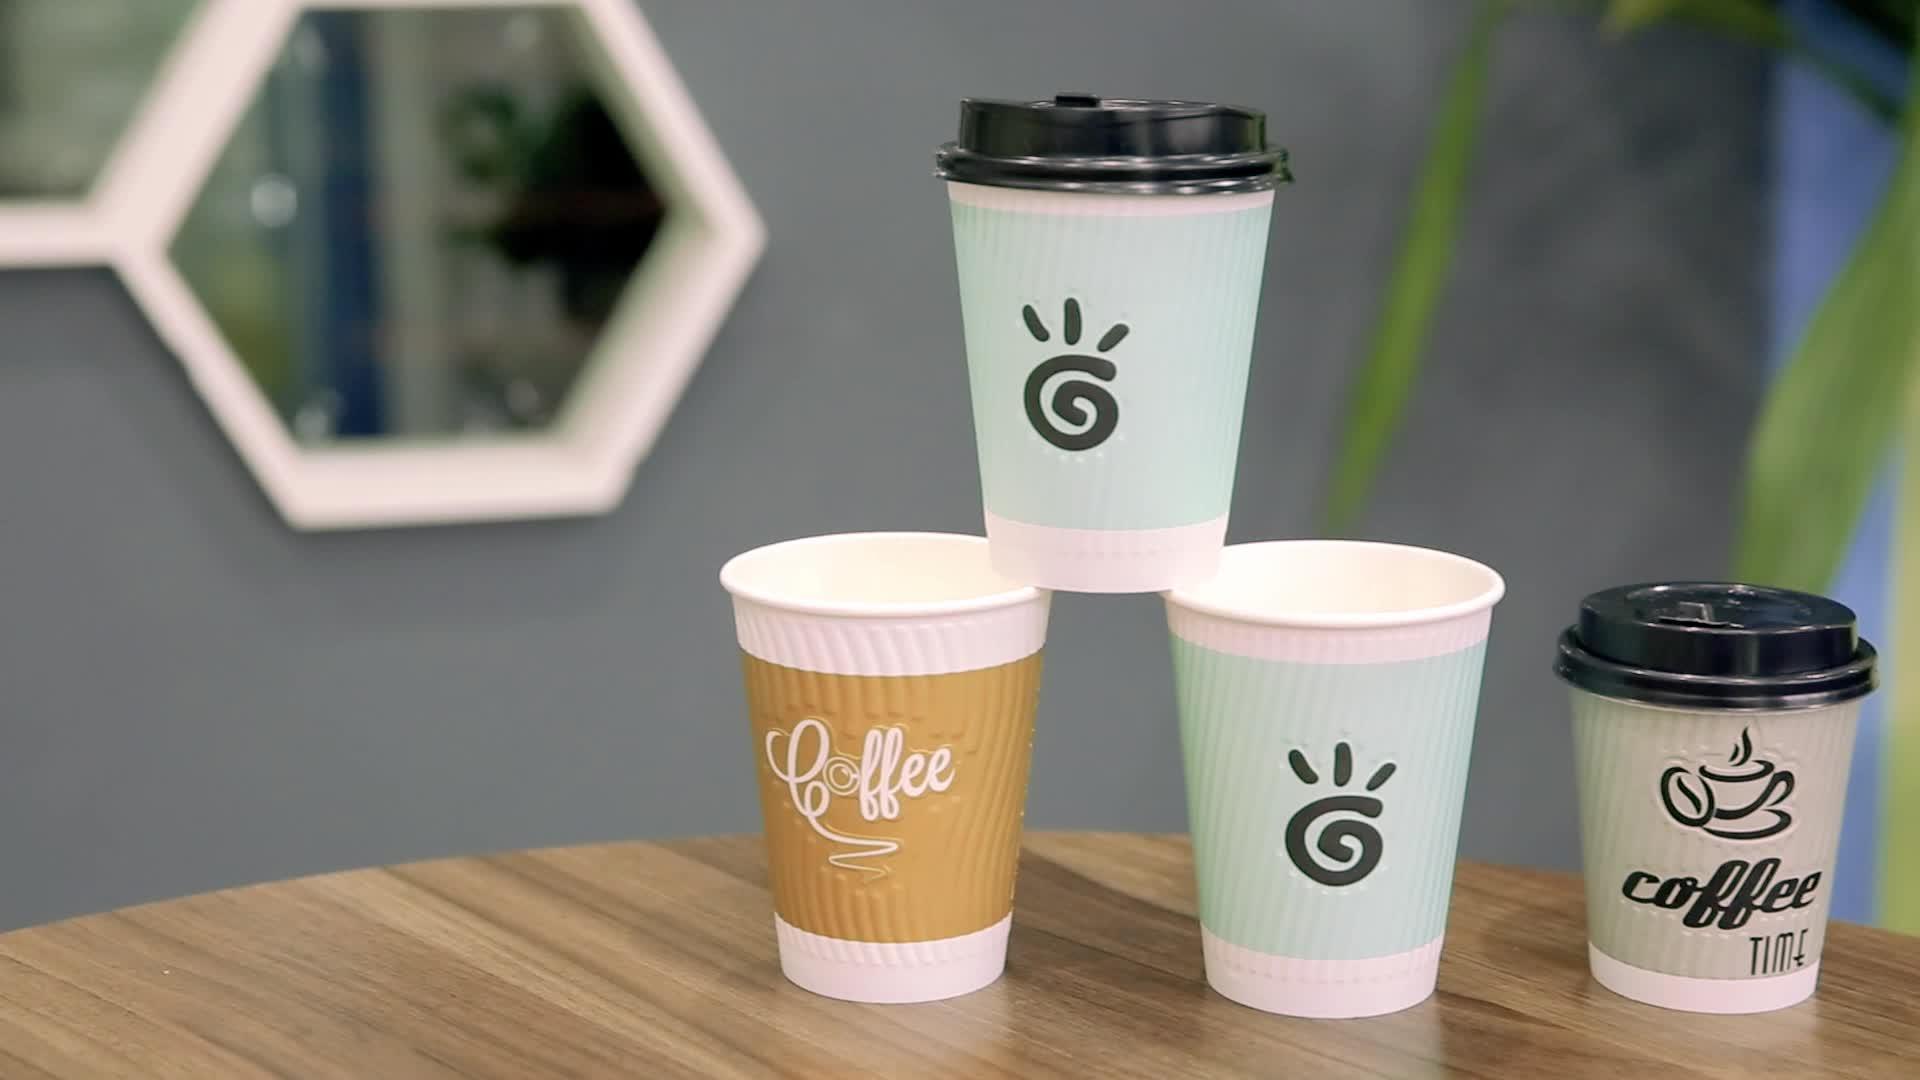 кофе в эко стаканчиках